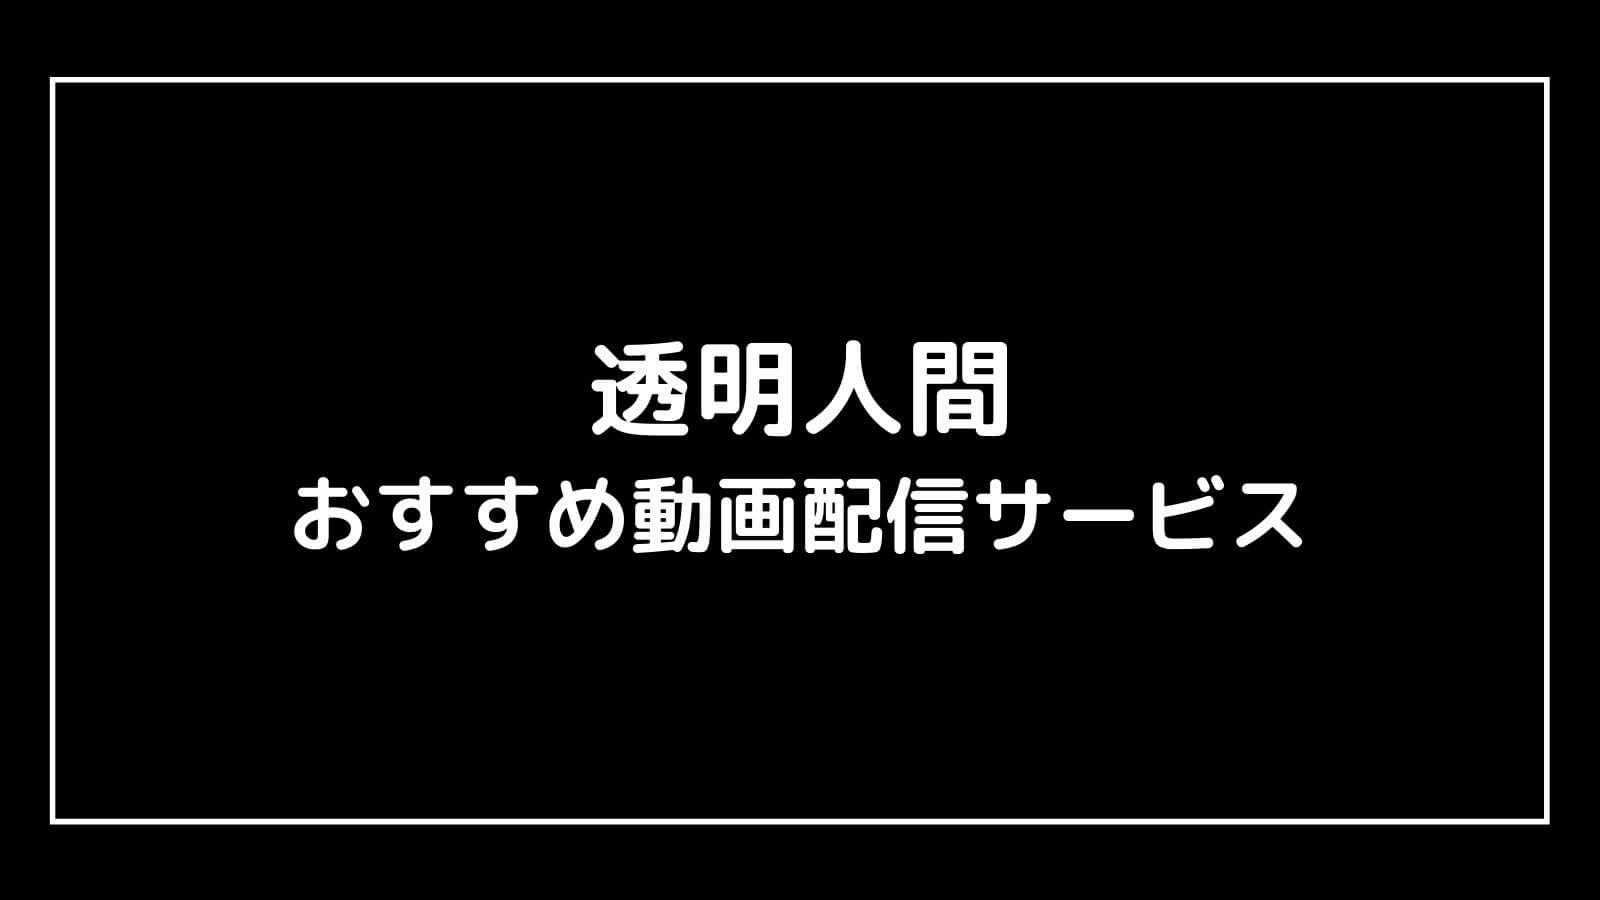 【おすすめ】映画『透明人間』を無料視聴できる動画配信サービス